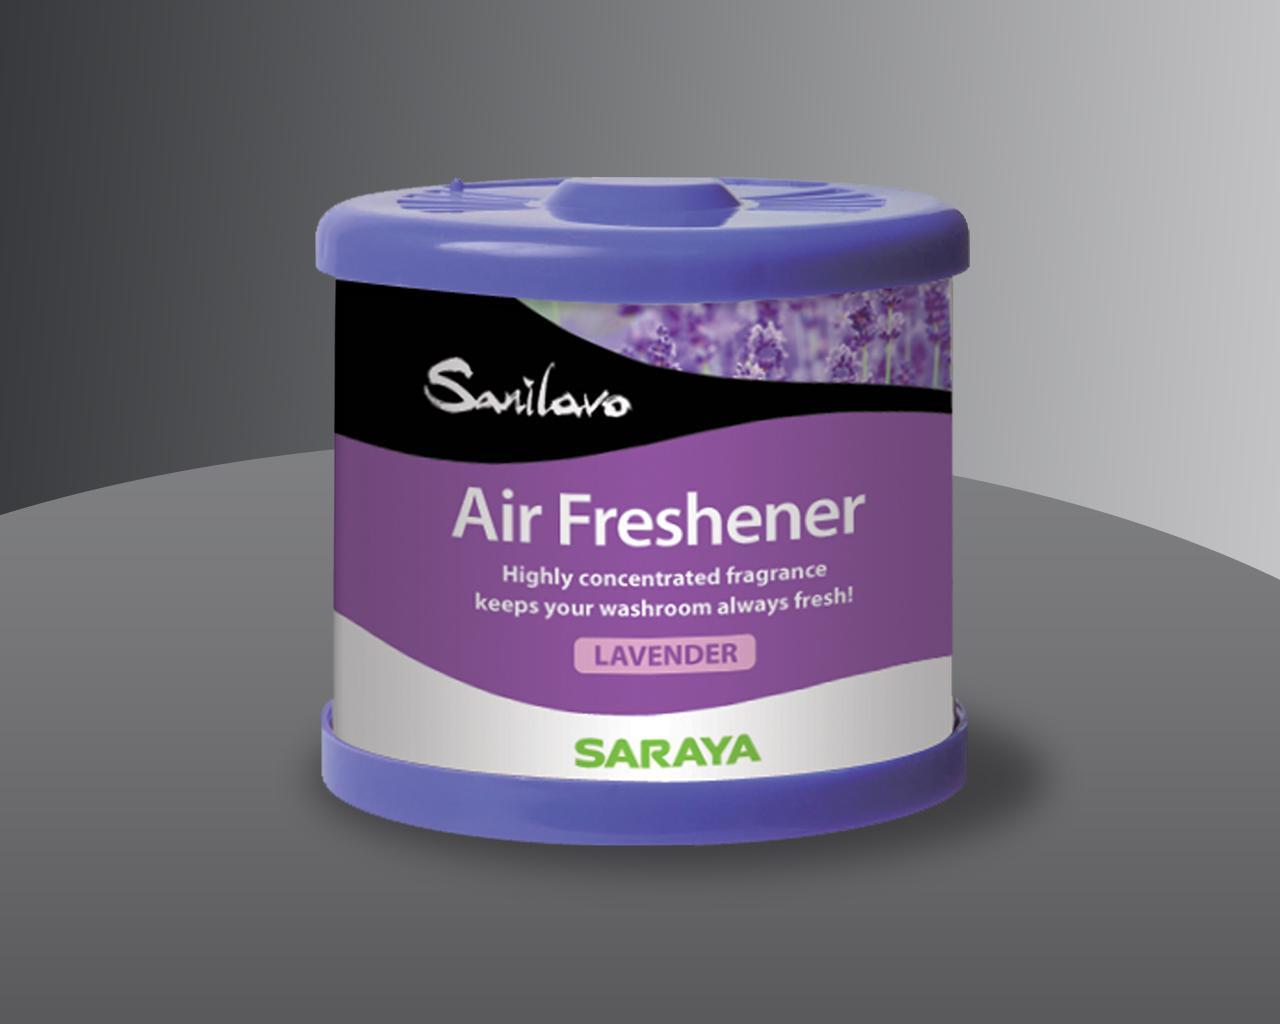 Sanilavo Lufterfrischerpatronen 4stk Lavendel